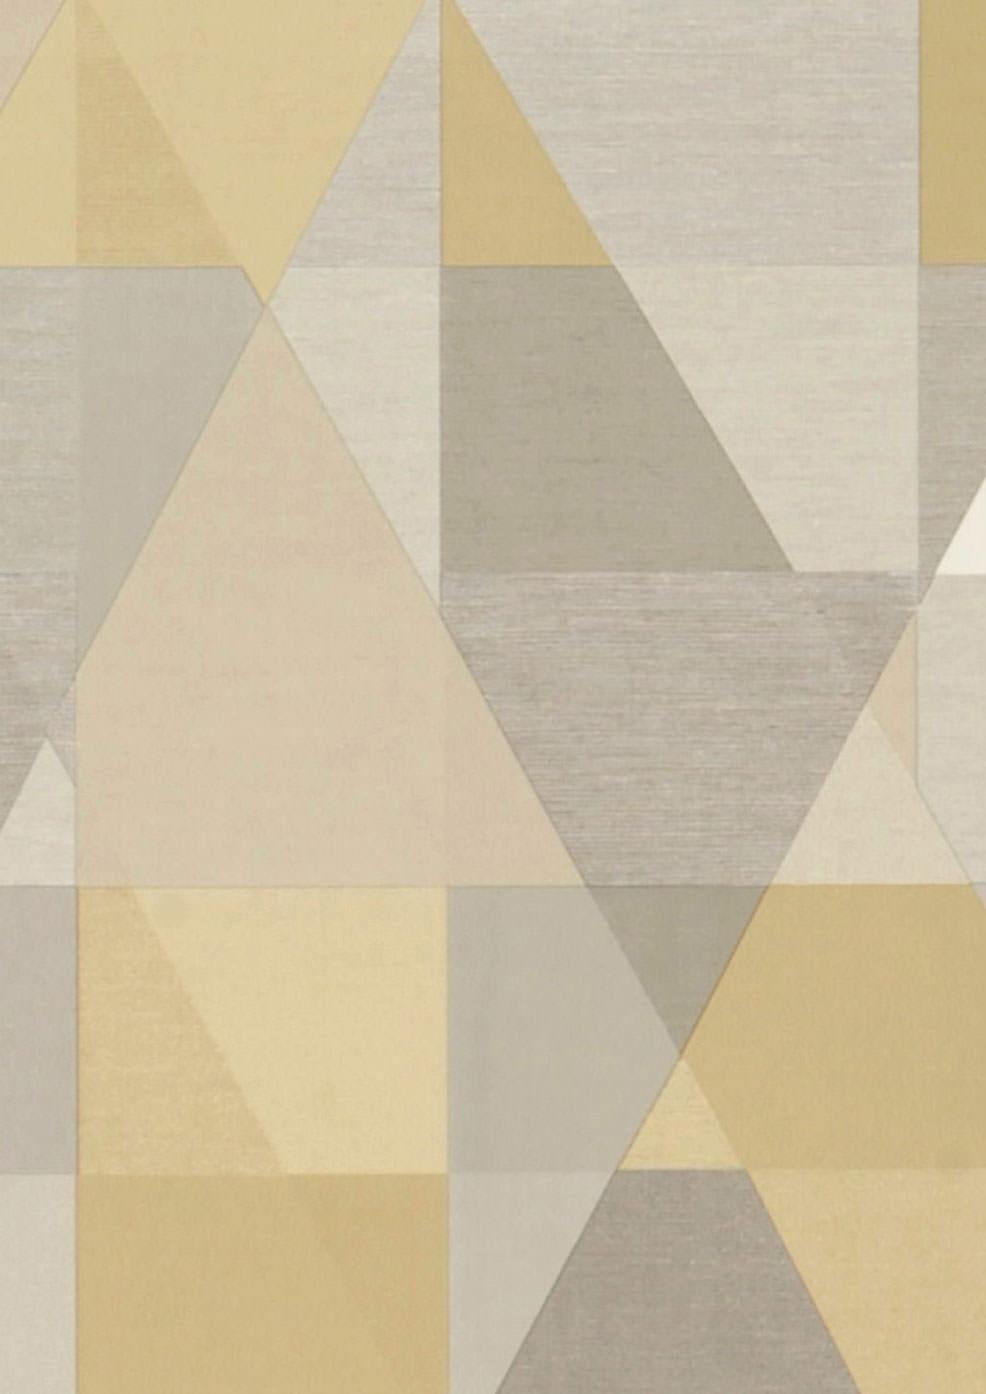 Tapete zewana beige cremeweiss grau graubraun for Tapete nach hause